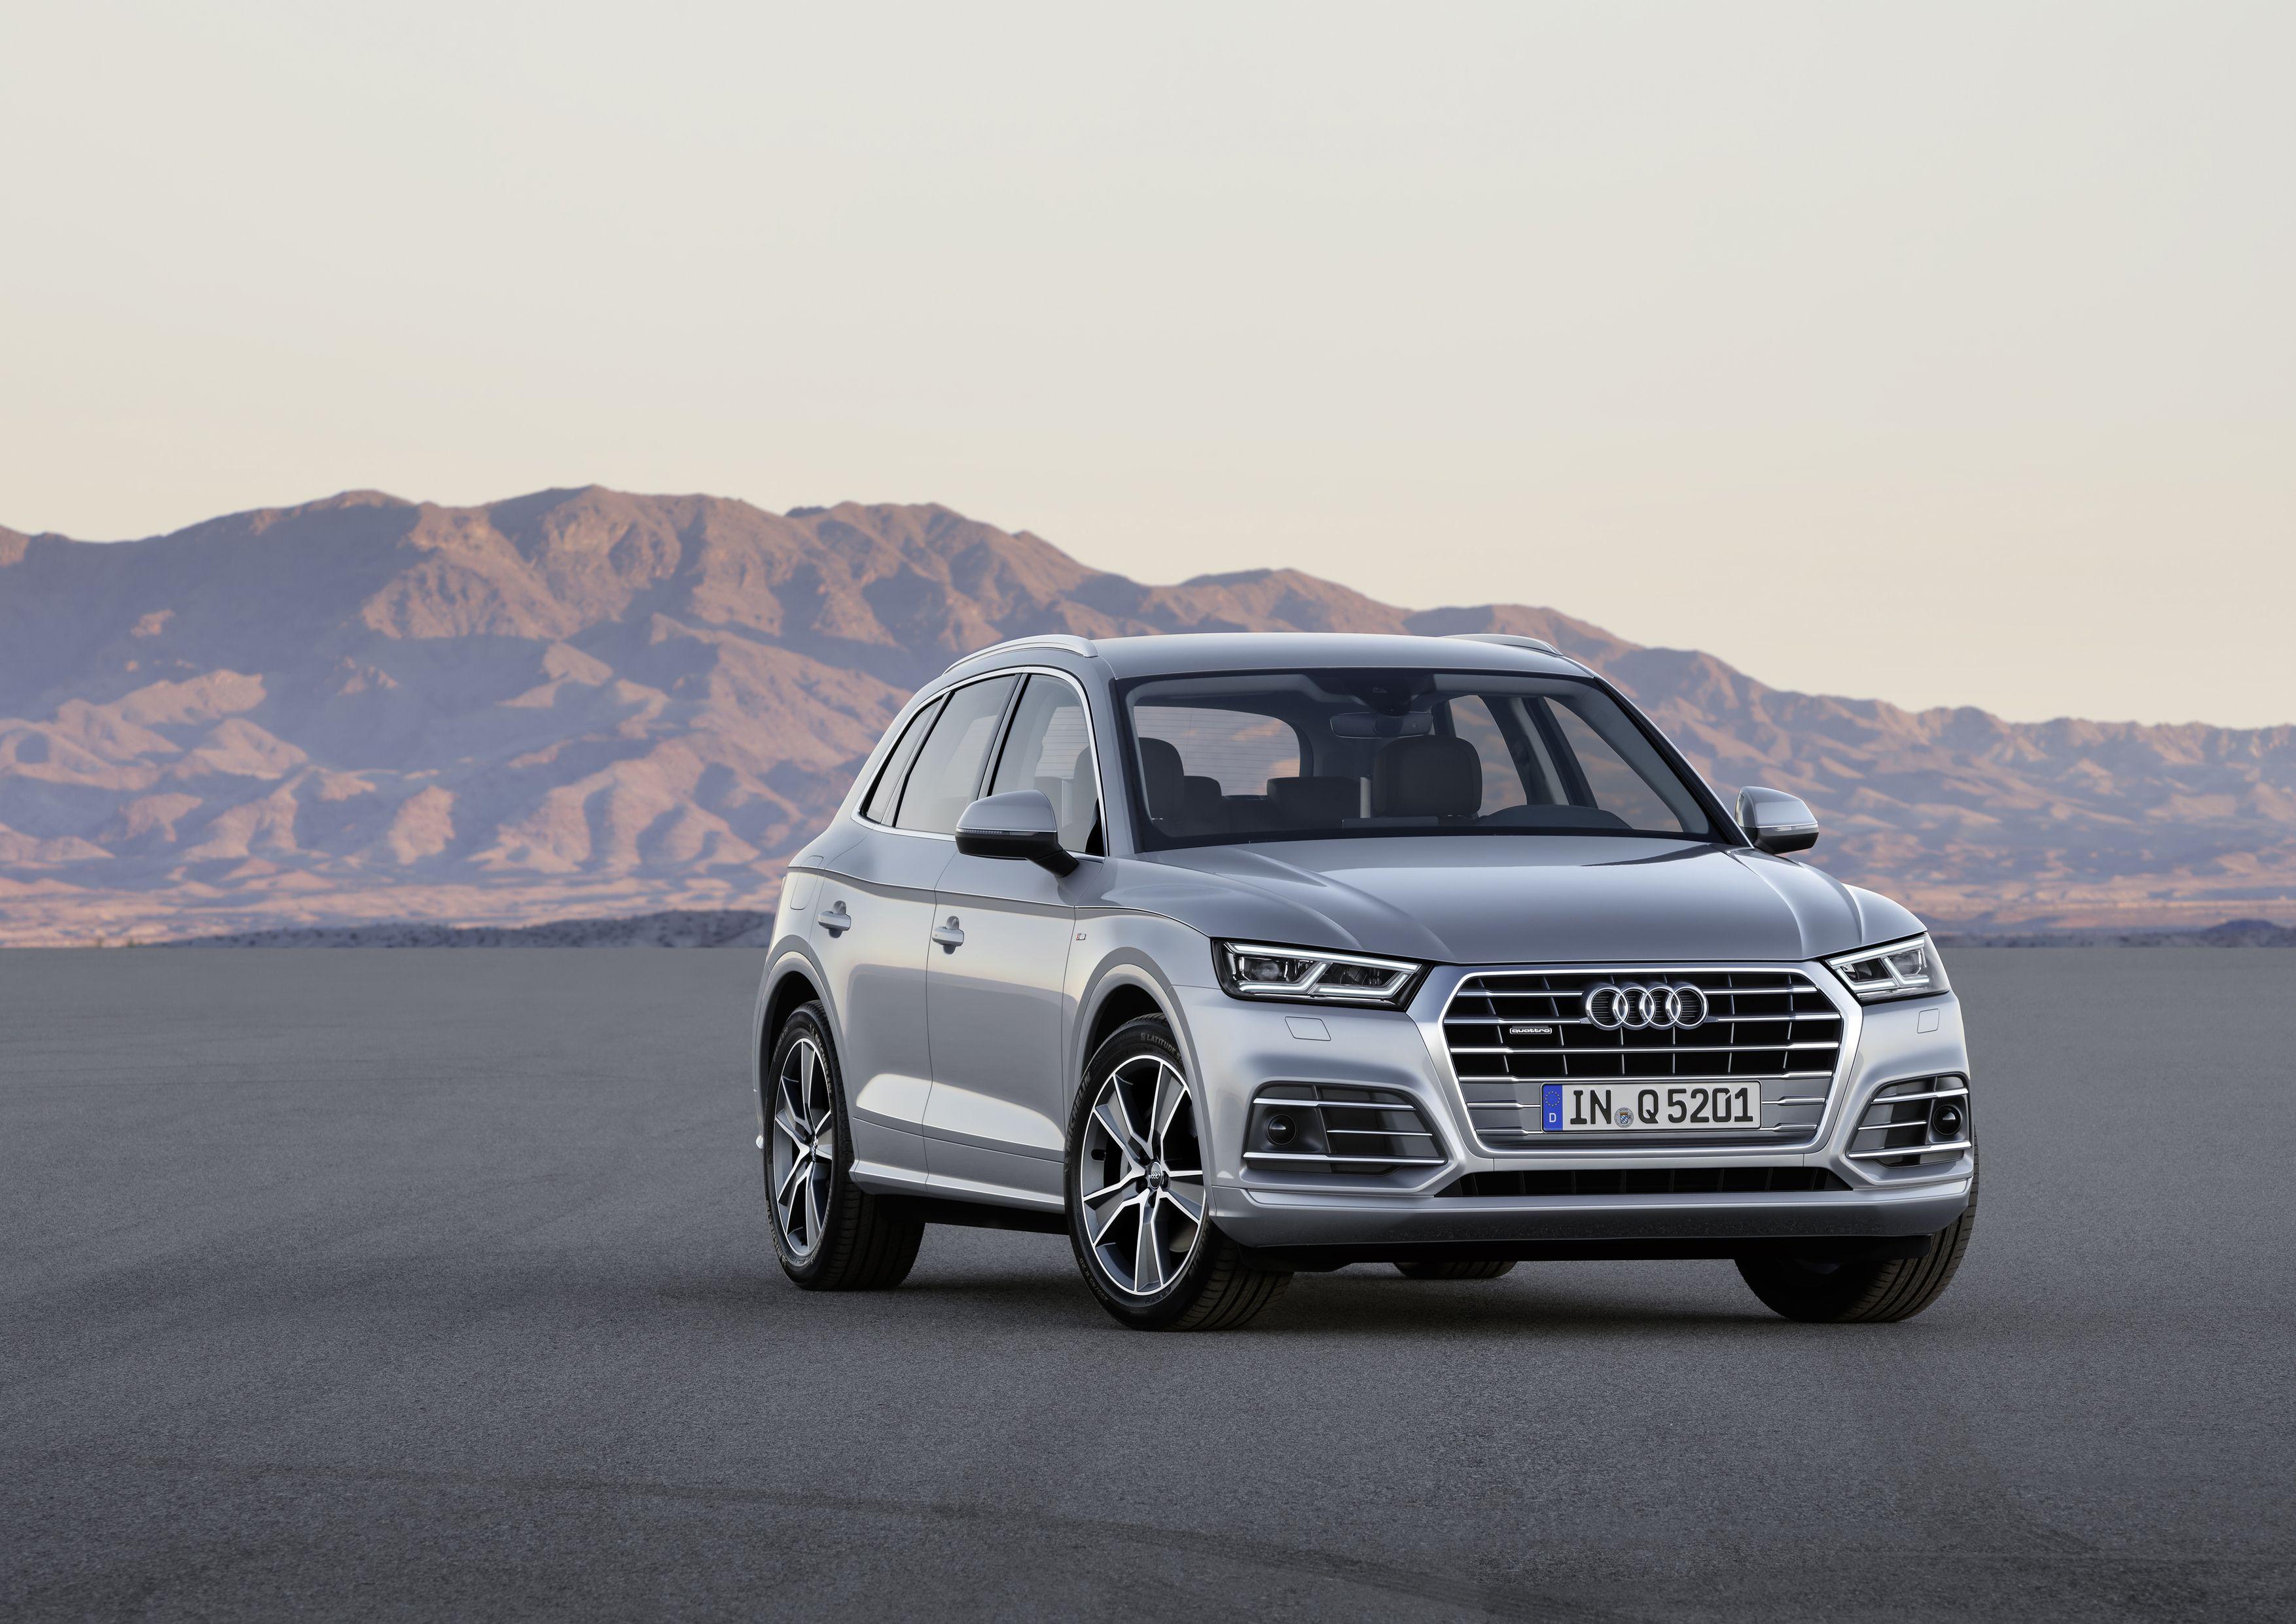 Top Gear Drives The New All New Audi Q5 Audi Q5 Audi Audi Sport